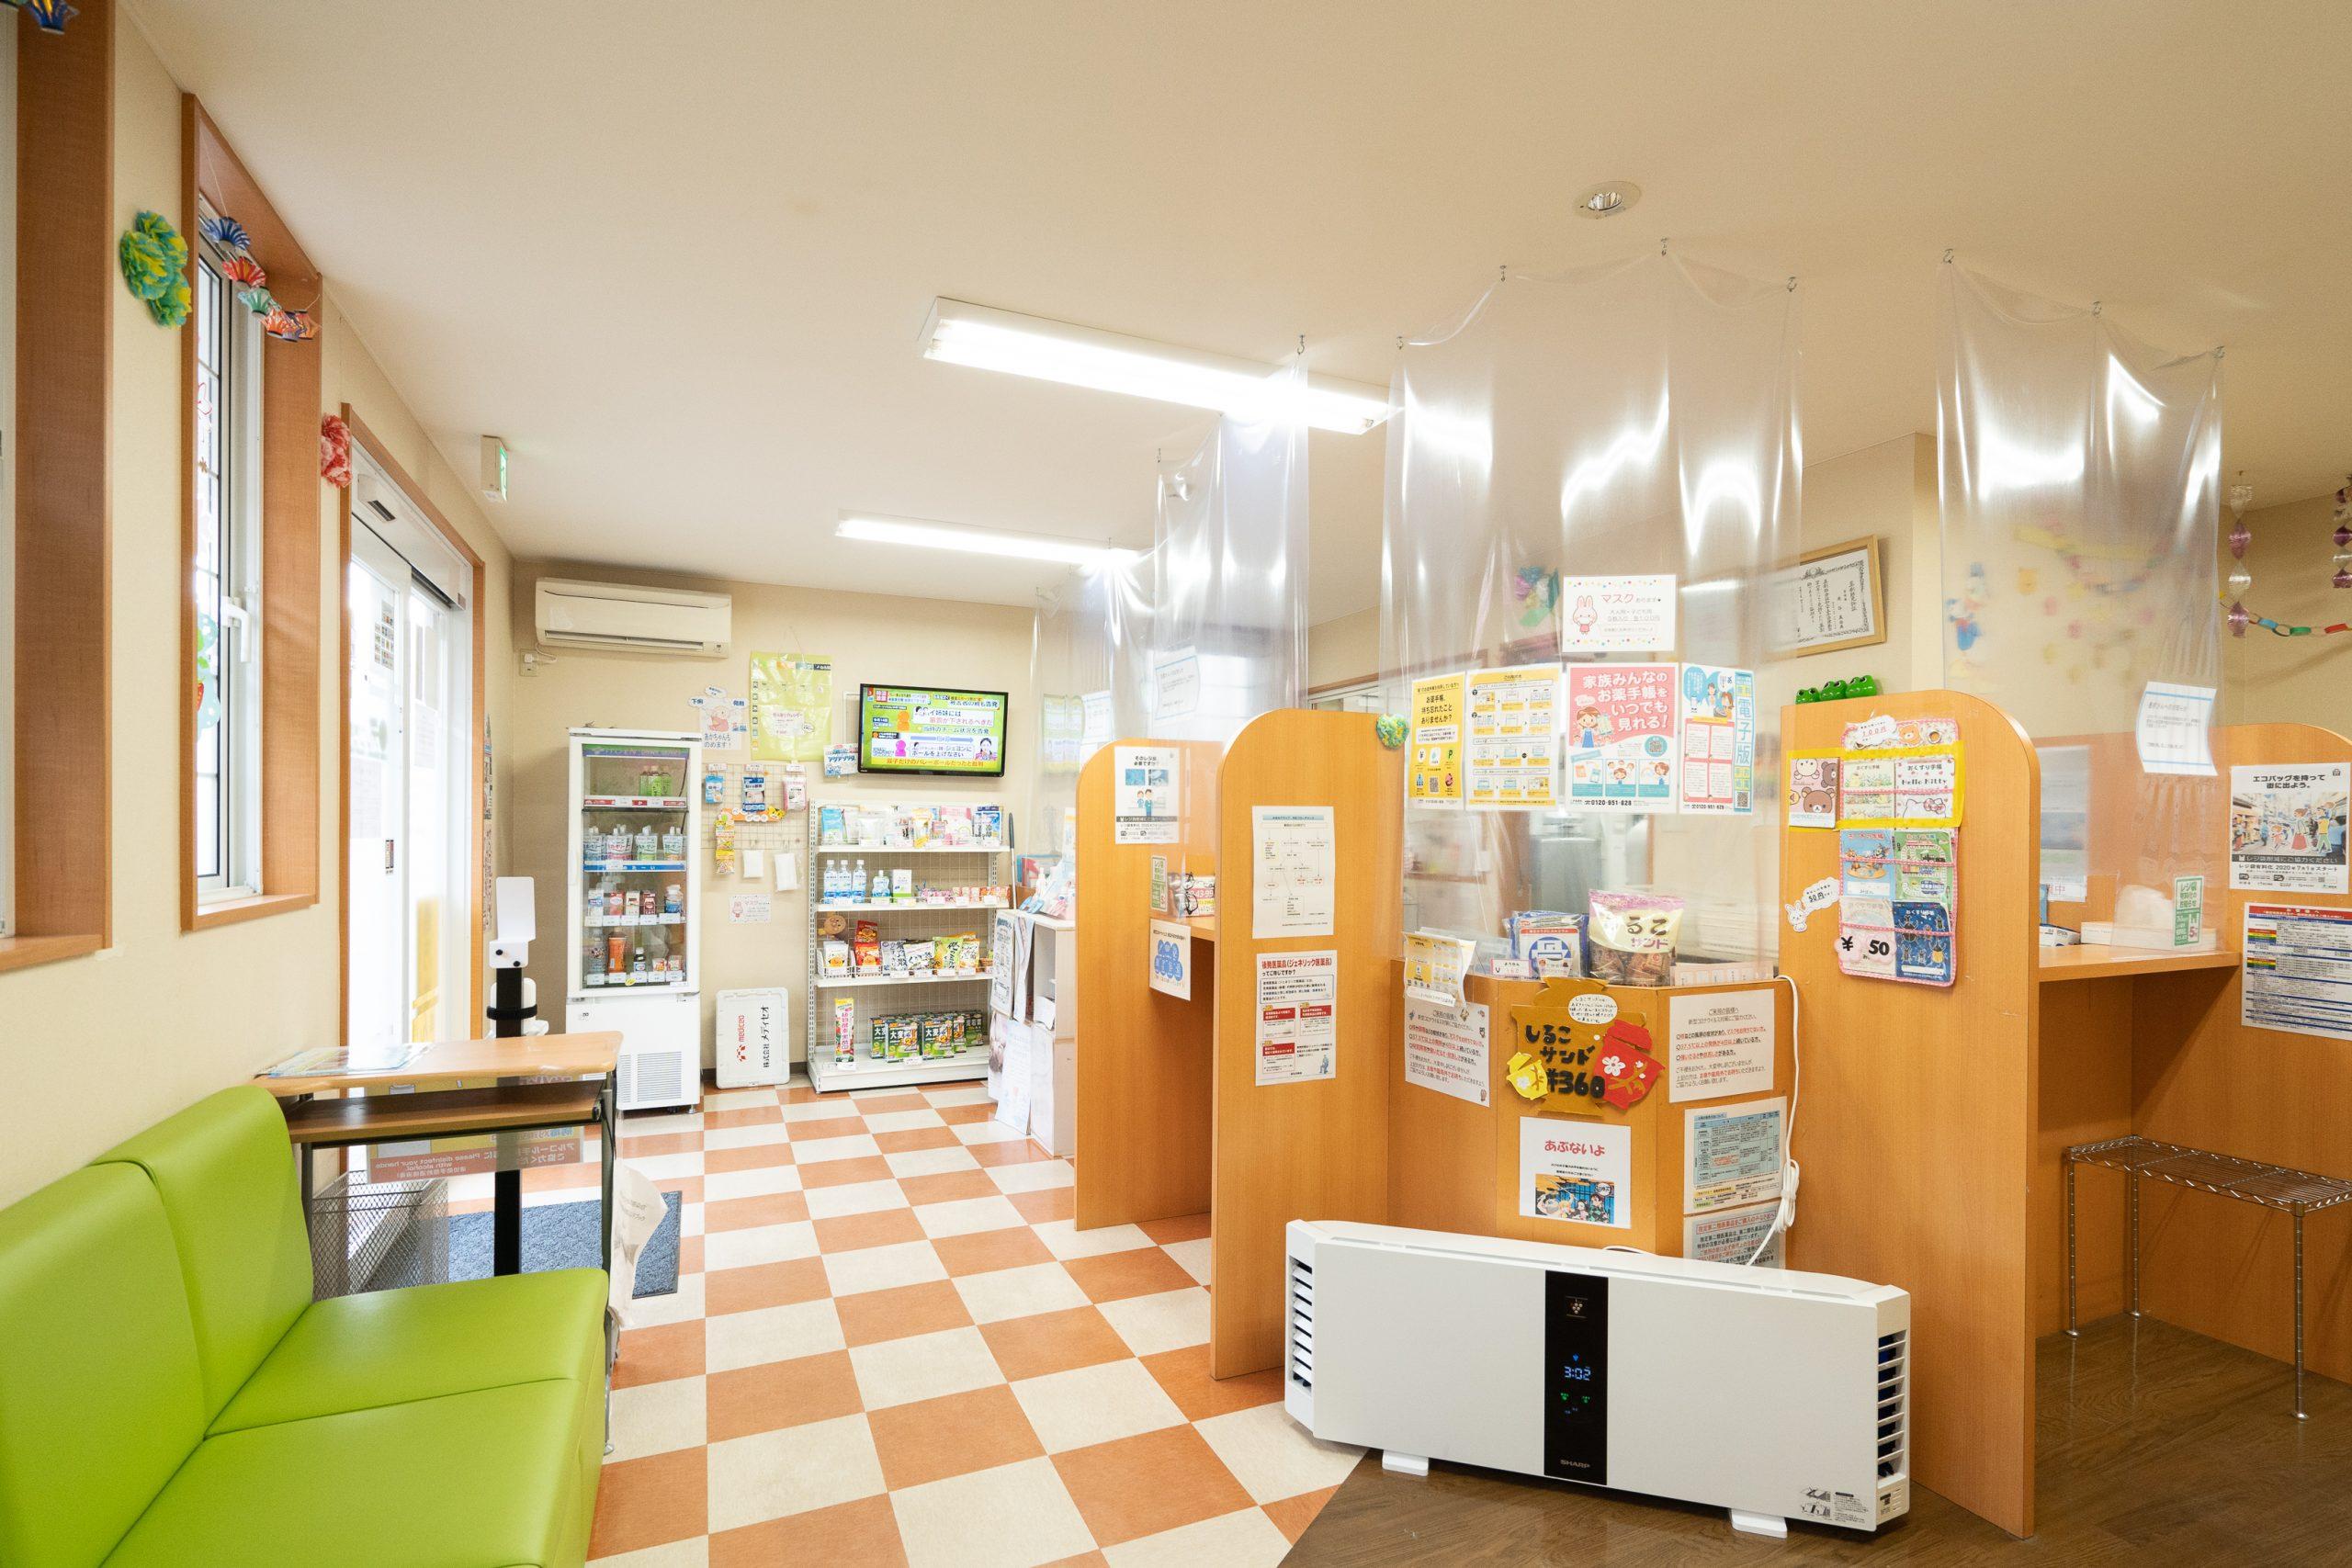 おきのオレンジ薬局 仙台市若林区の調剤薬局